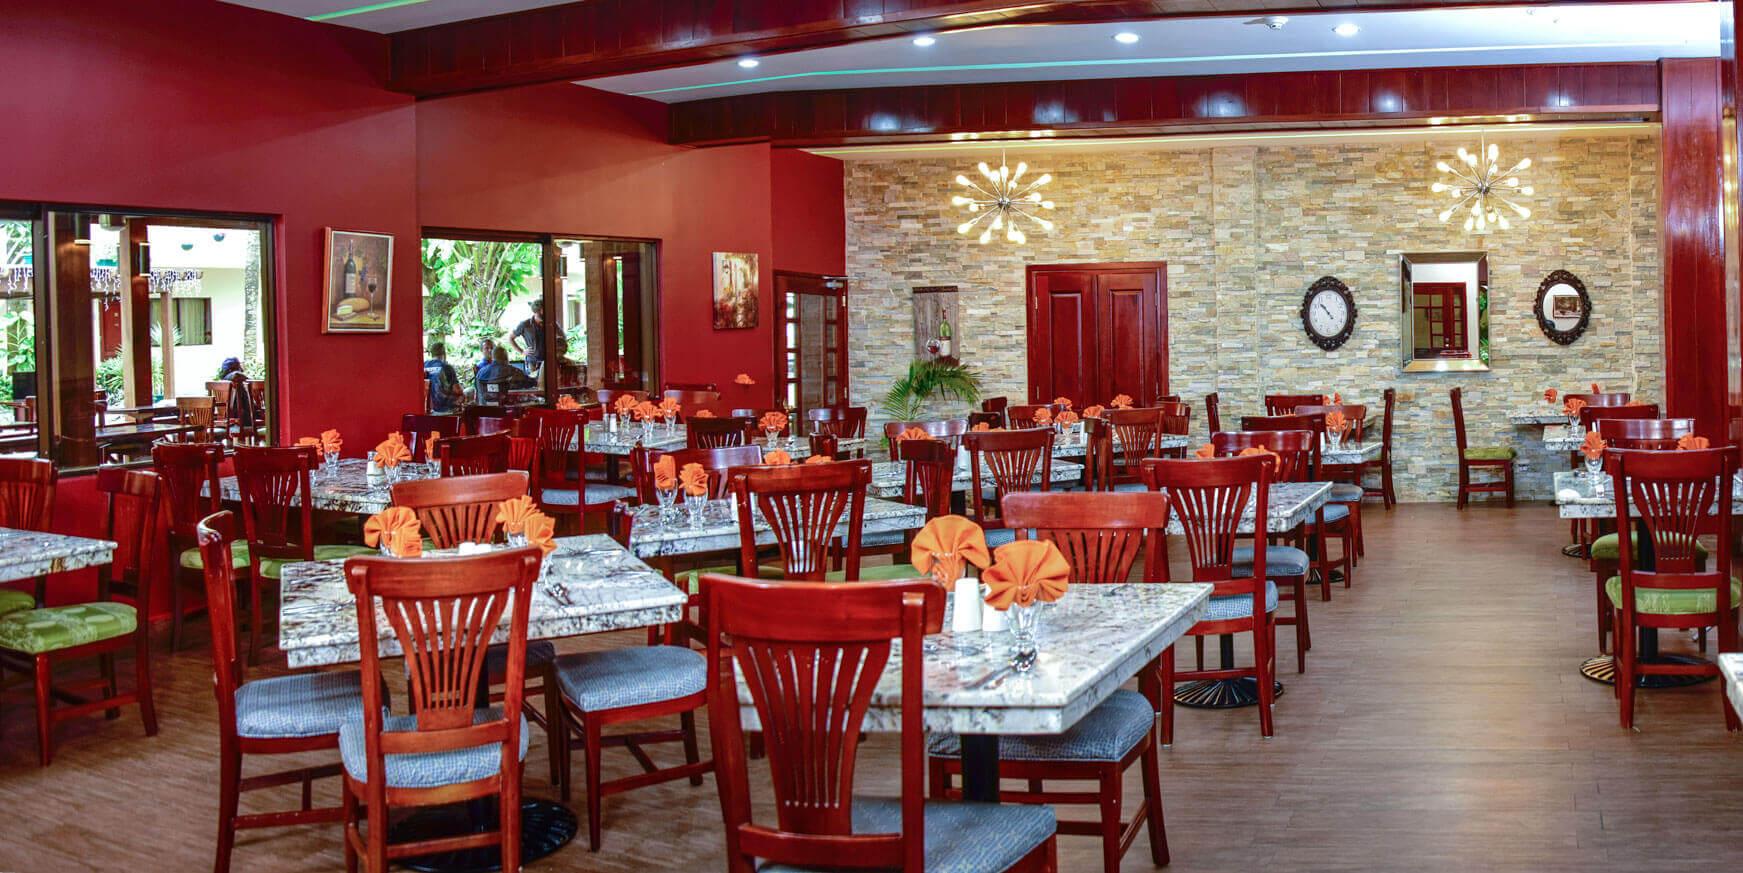 Best Western Plaza Hotel Restaurant Menu